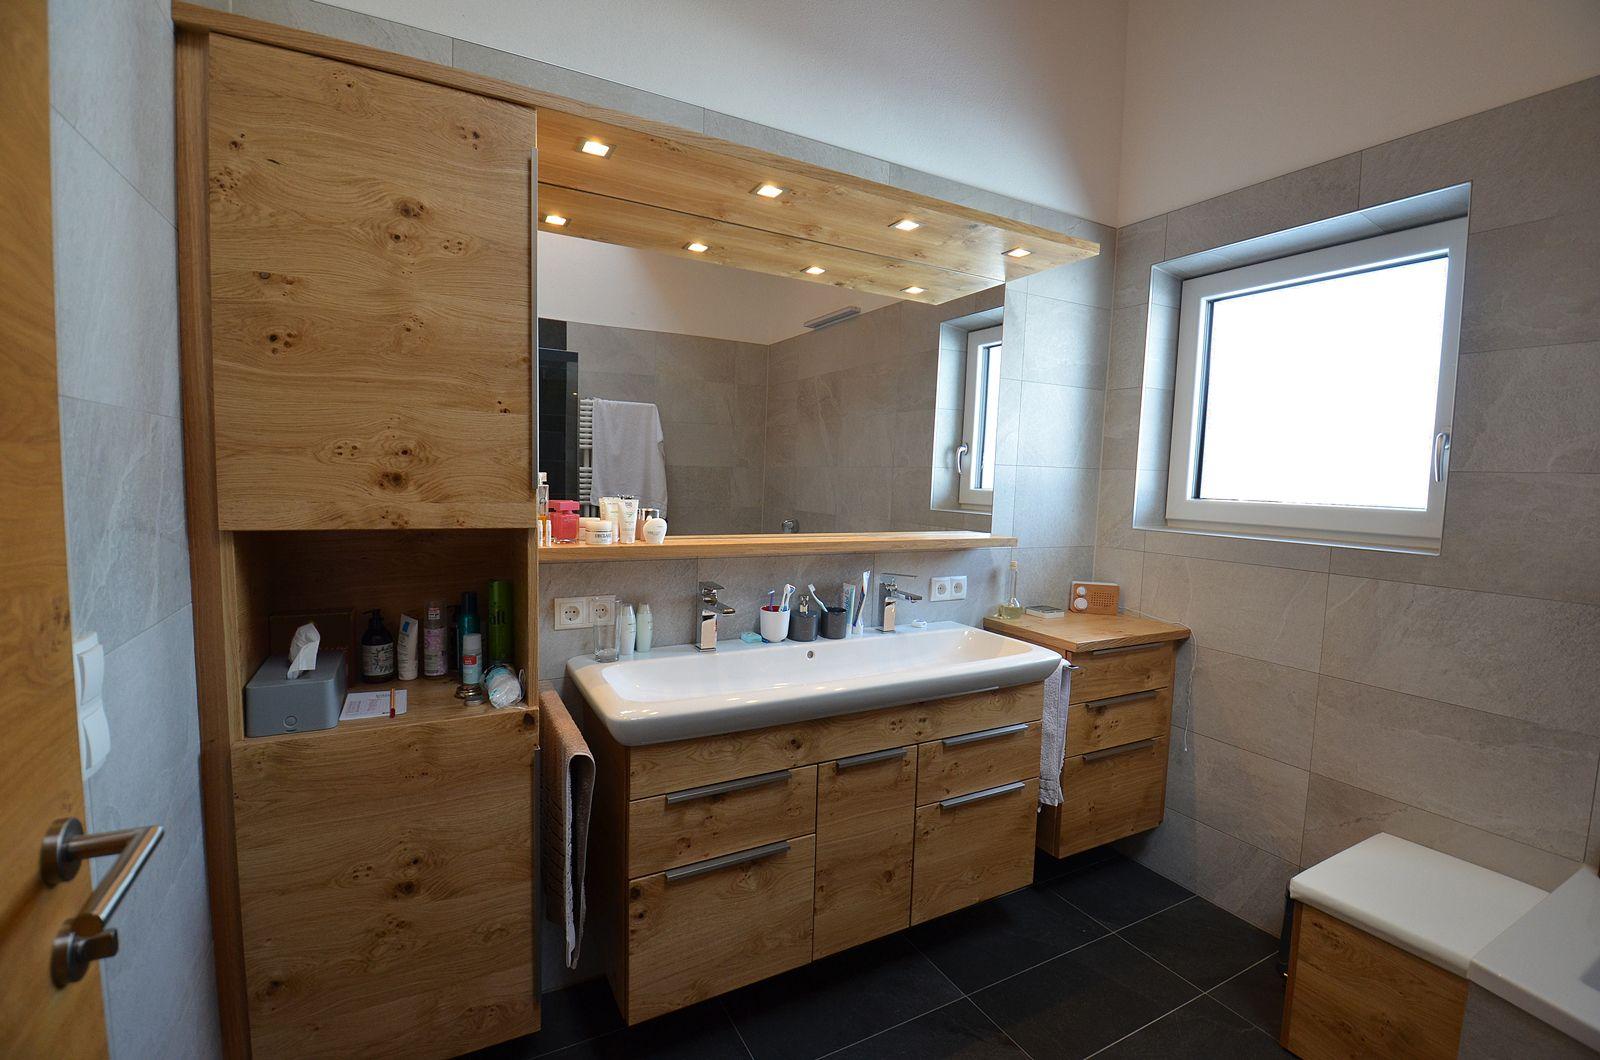 Badezimmer Ideen für Ihr zu Hause. Bad Möbel in Eiche ...